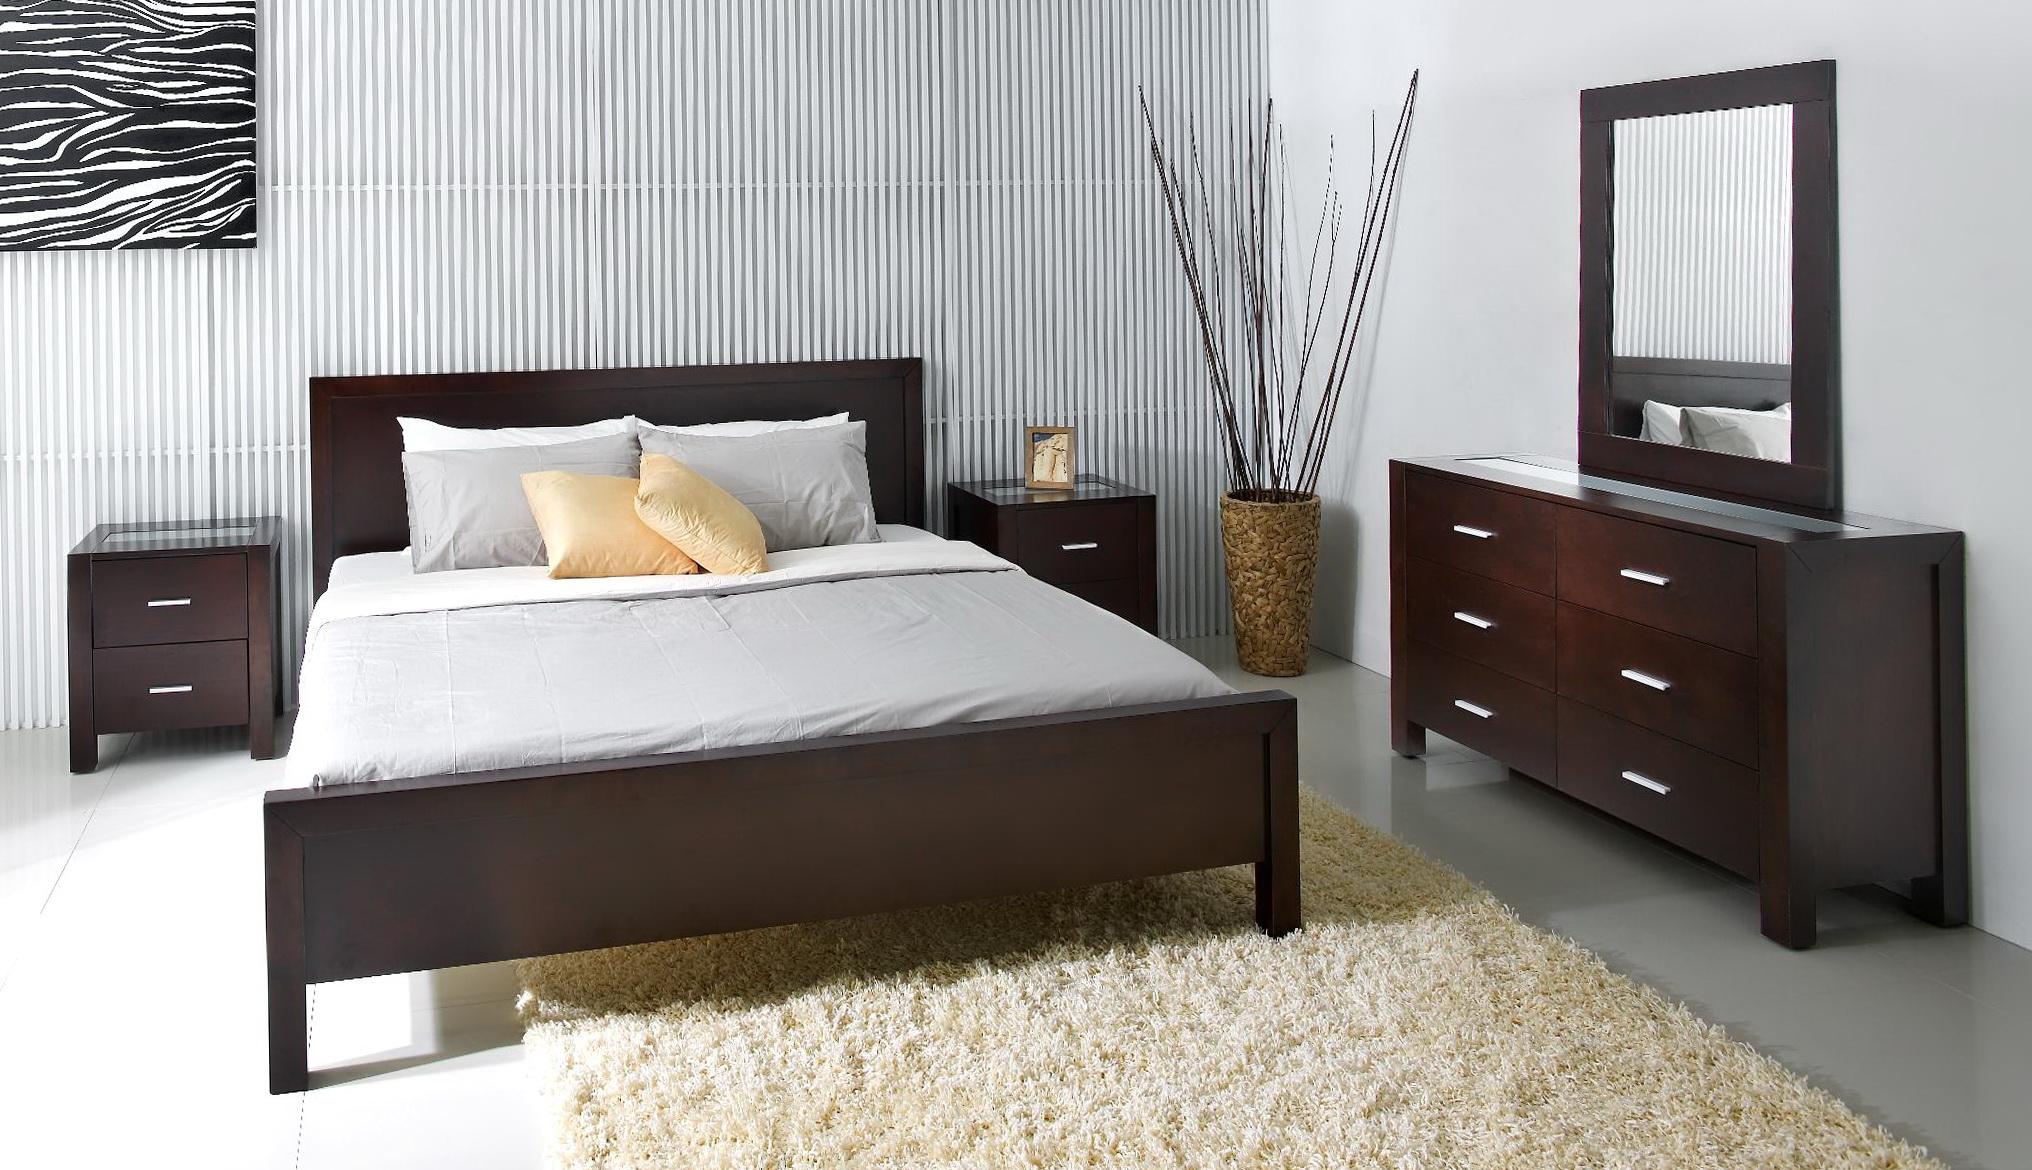 Mirrored Bedroom Set Macy's